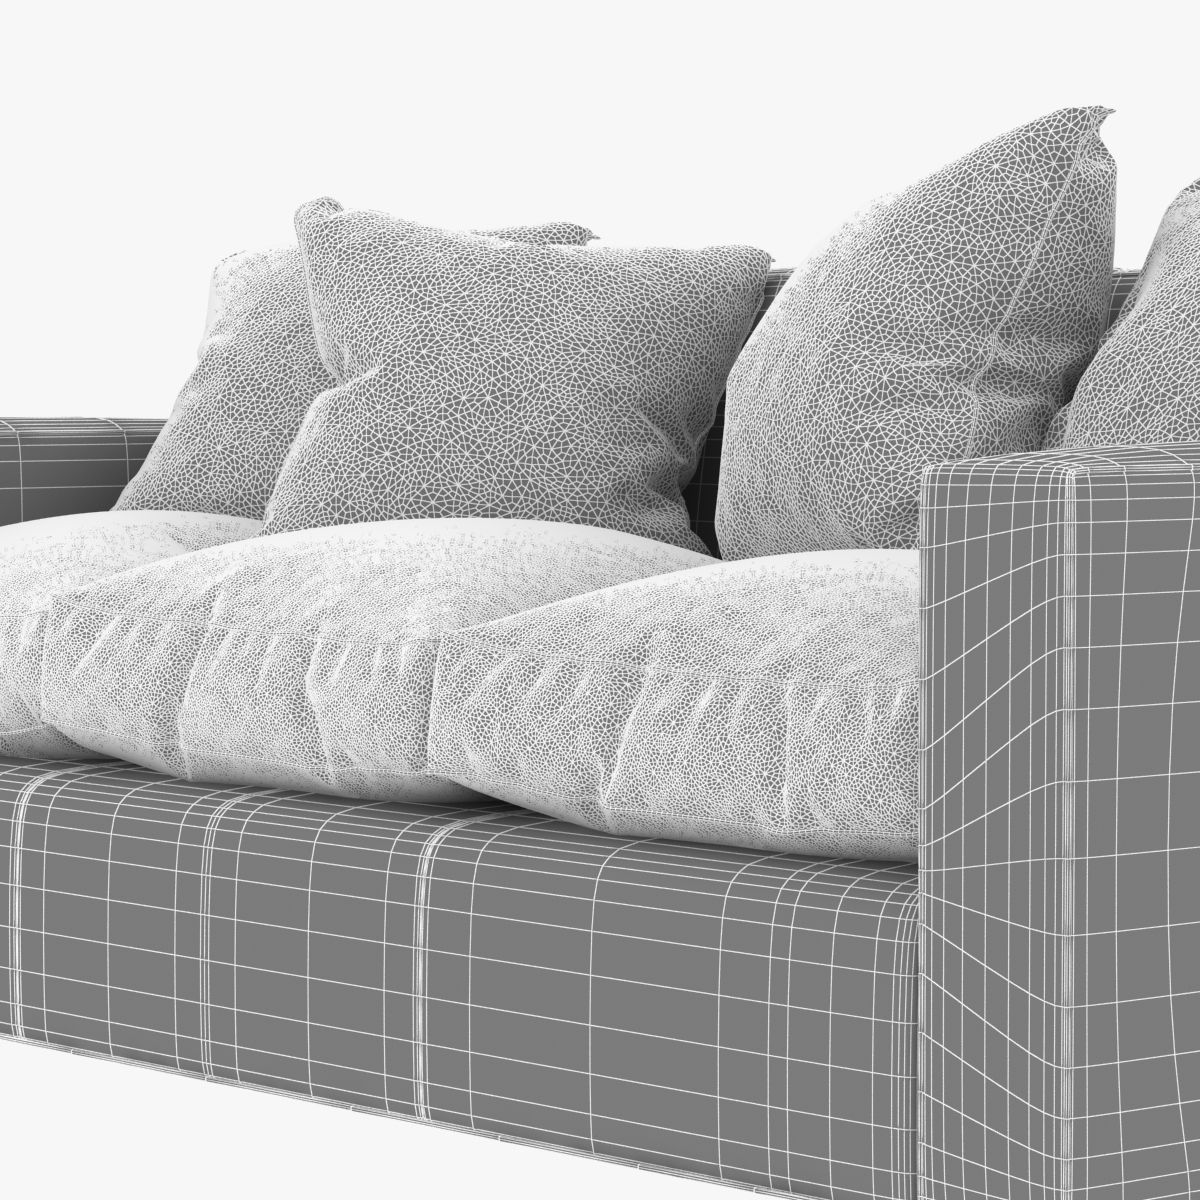 jean michel frank tight back sofa d model max obj fbx mtl -  jean michel frank tight back sofa d model max obj fbx mtl